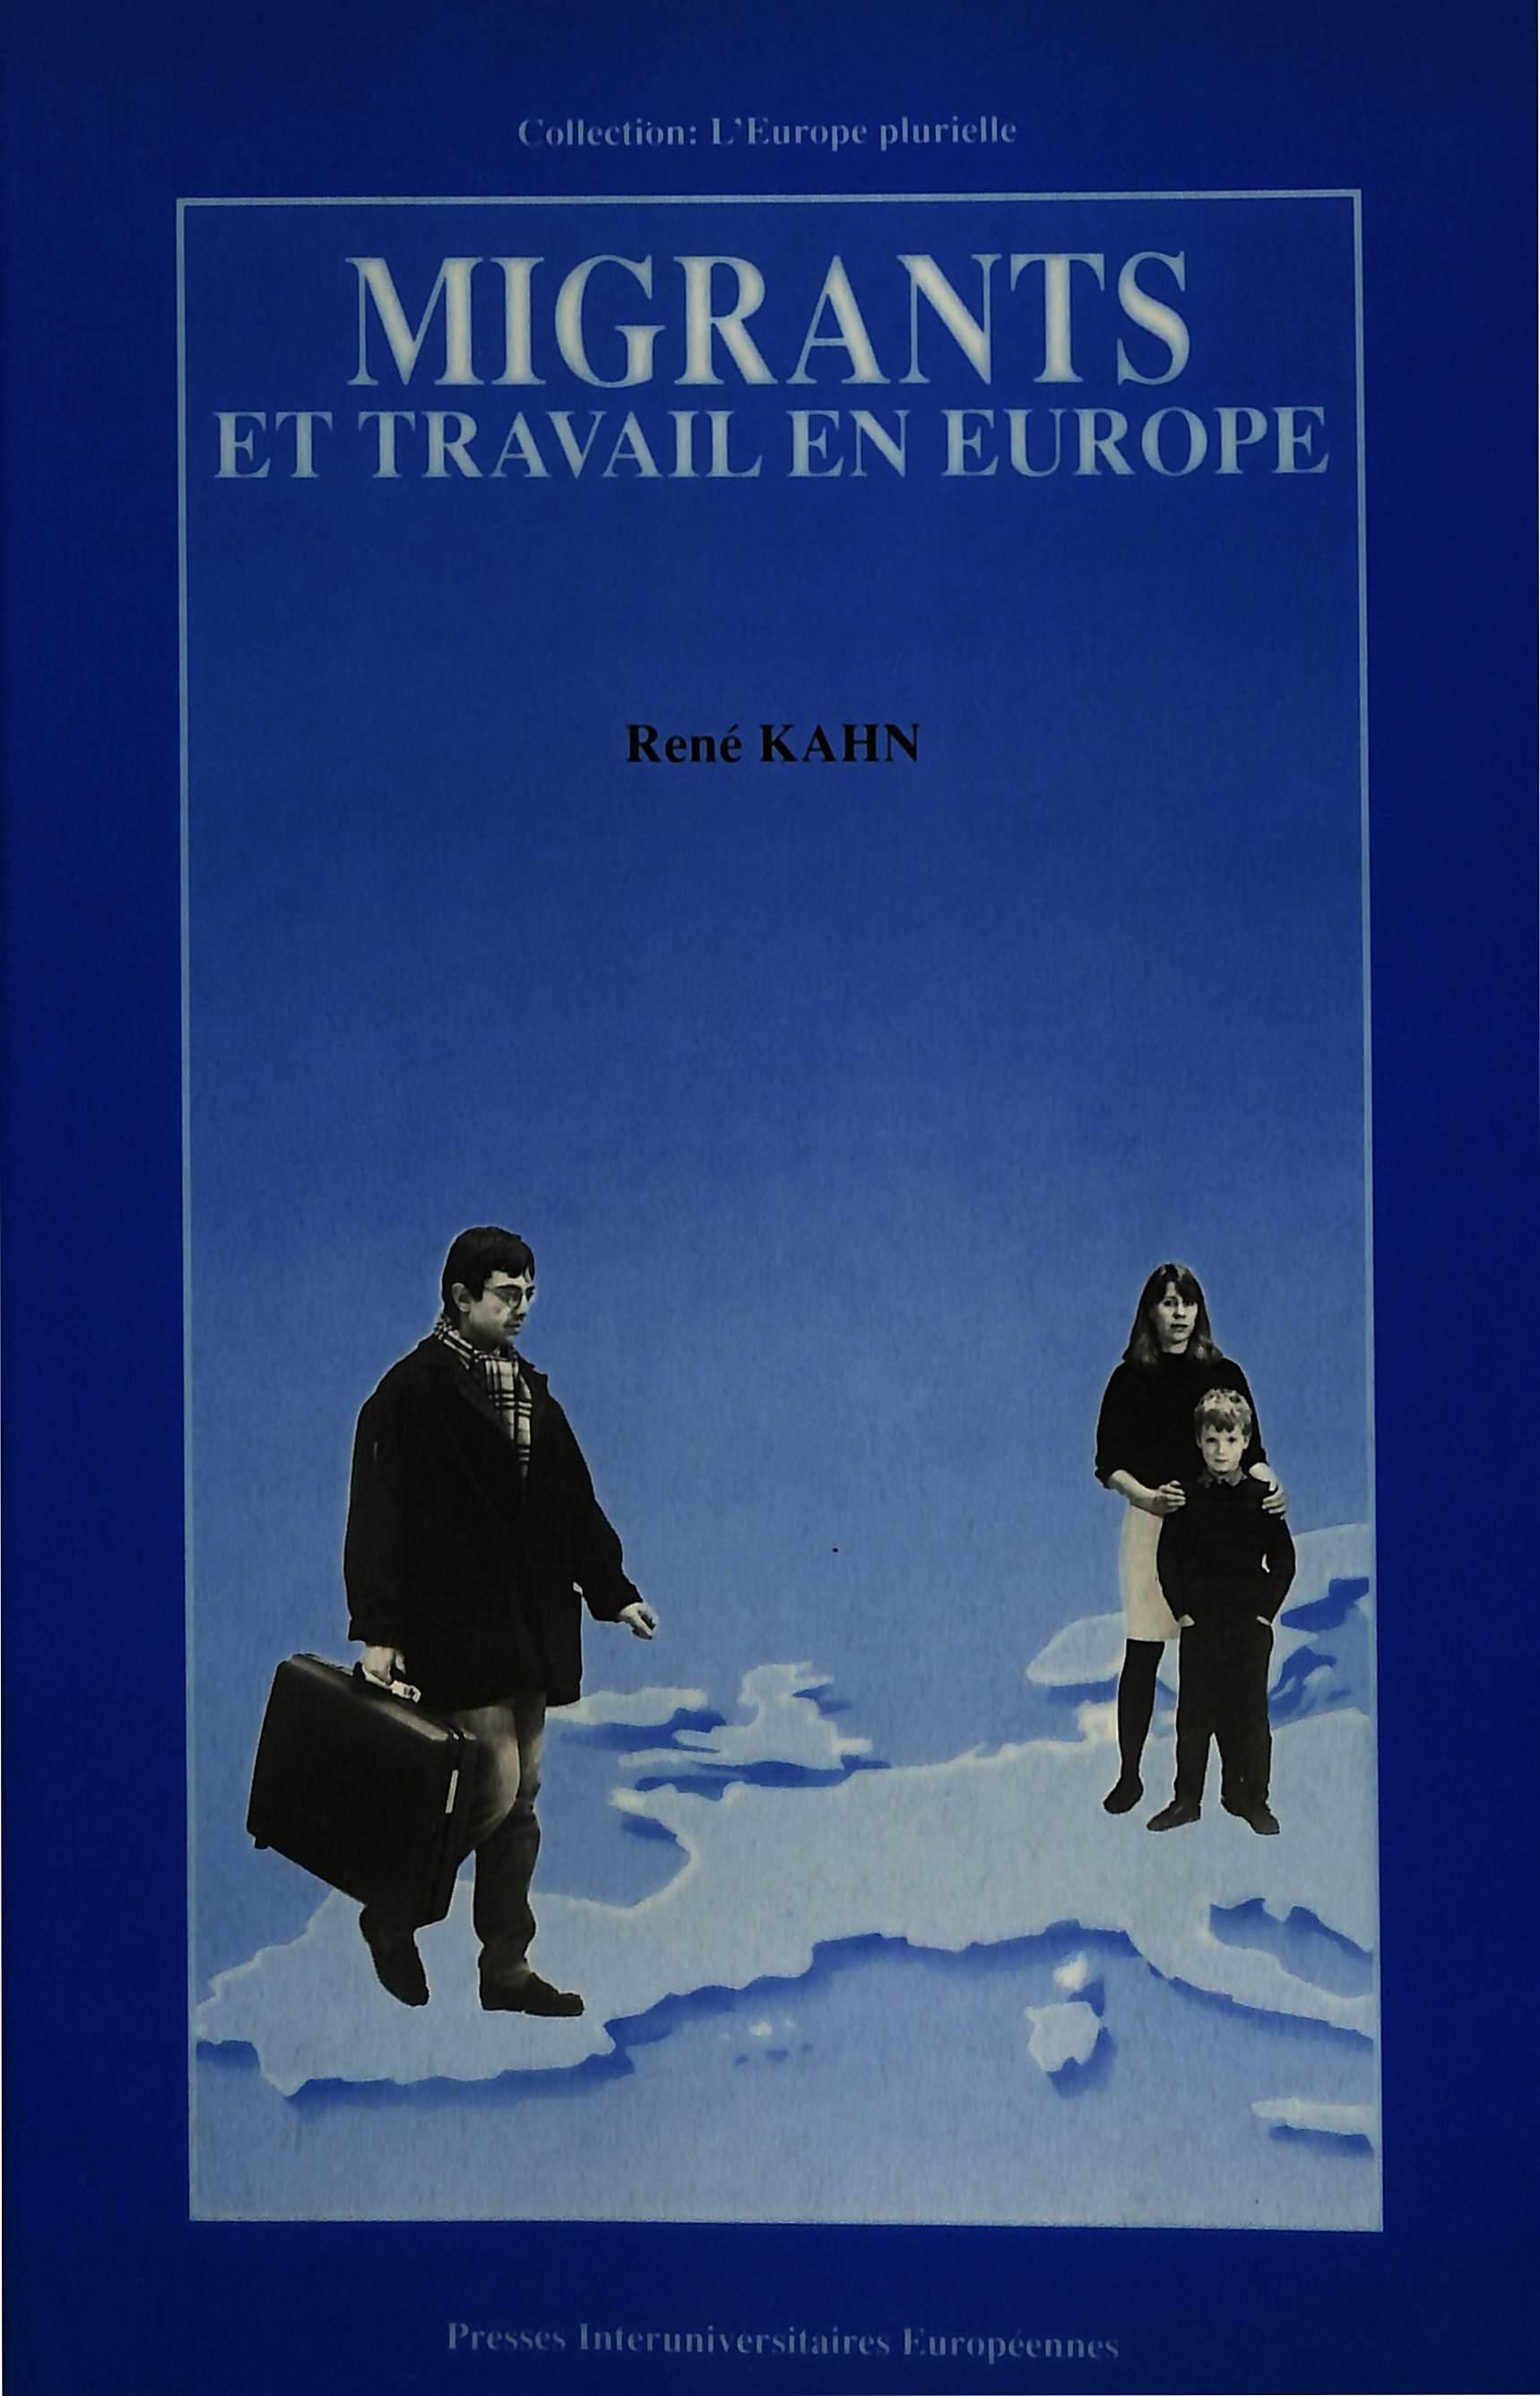 MIGRANTS ET TRAVAIL EN EUROPE